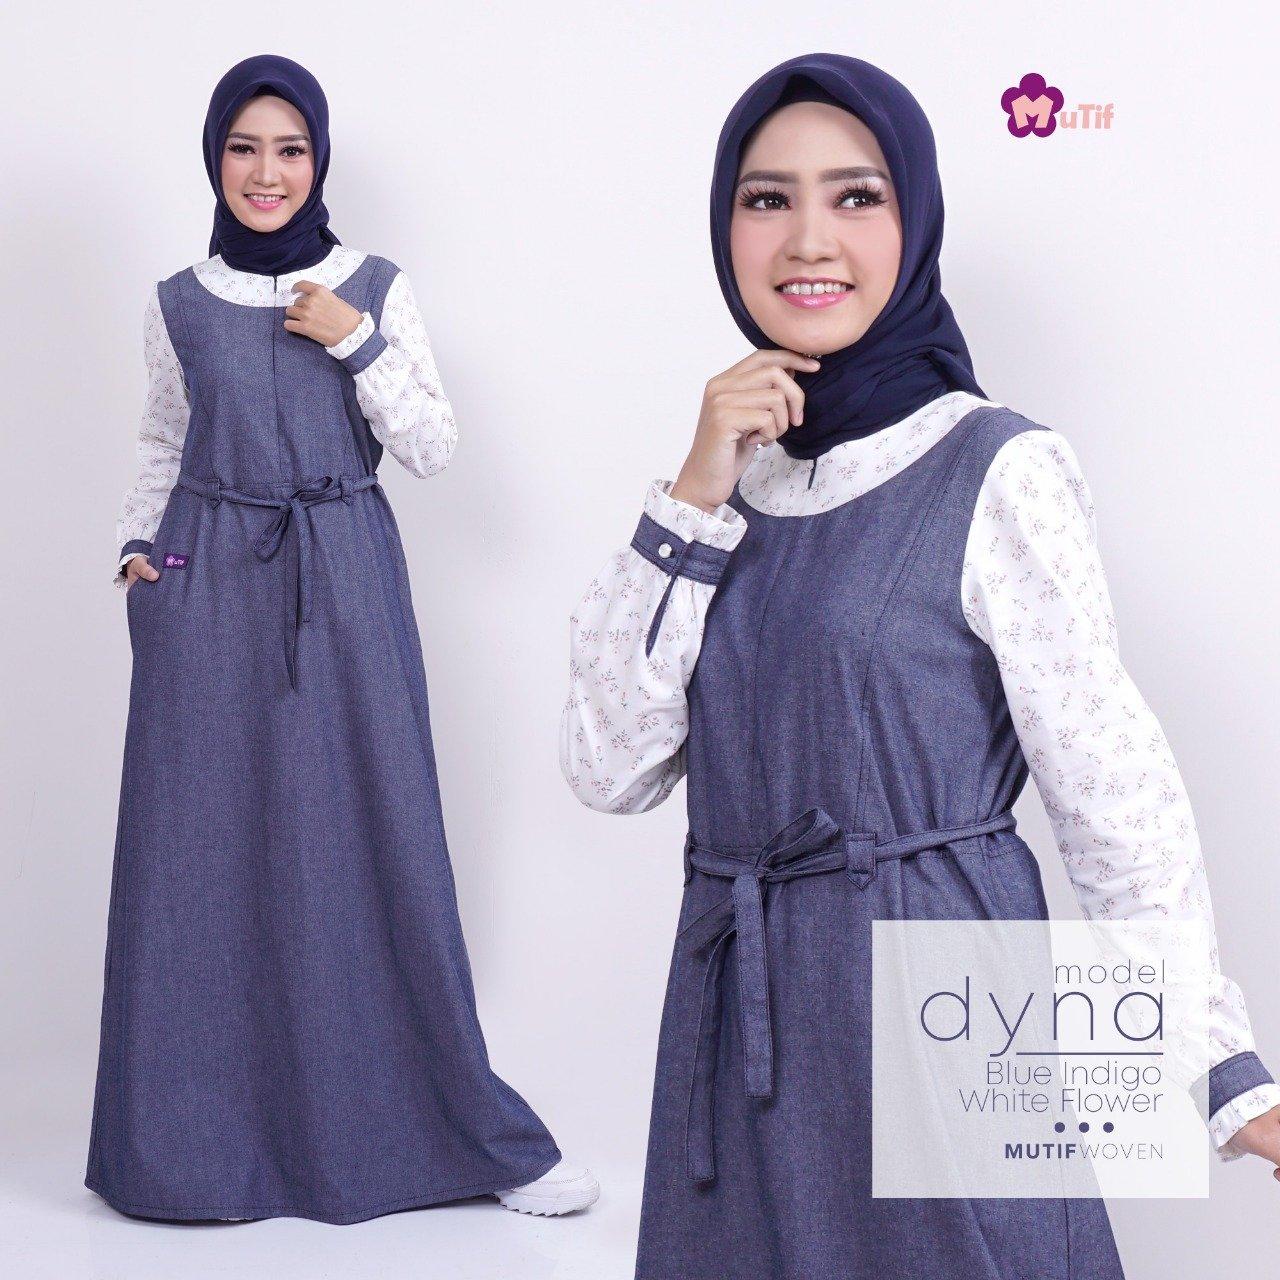 gamis-mutif-woven-dyna-blue-indigo3085418799637066230..jpg